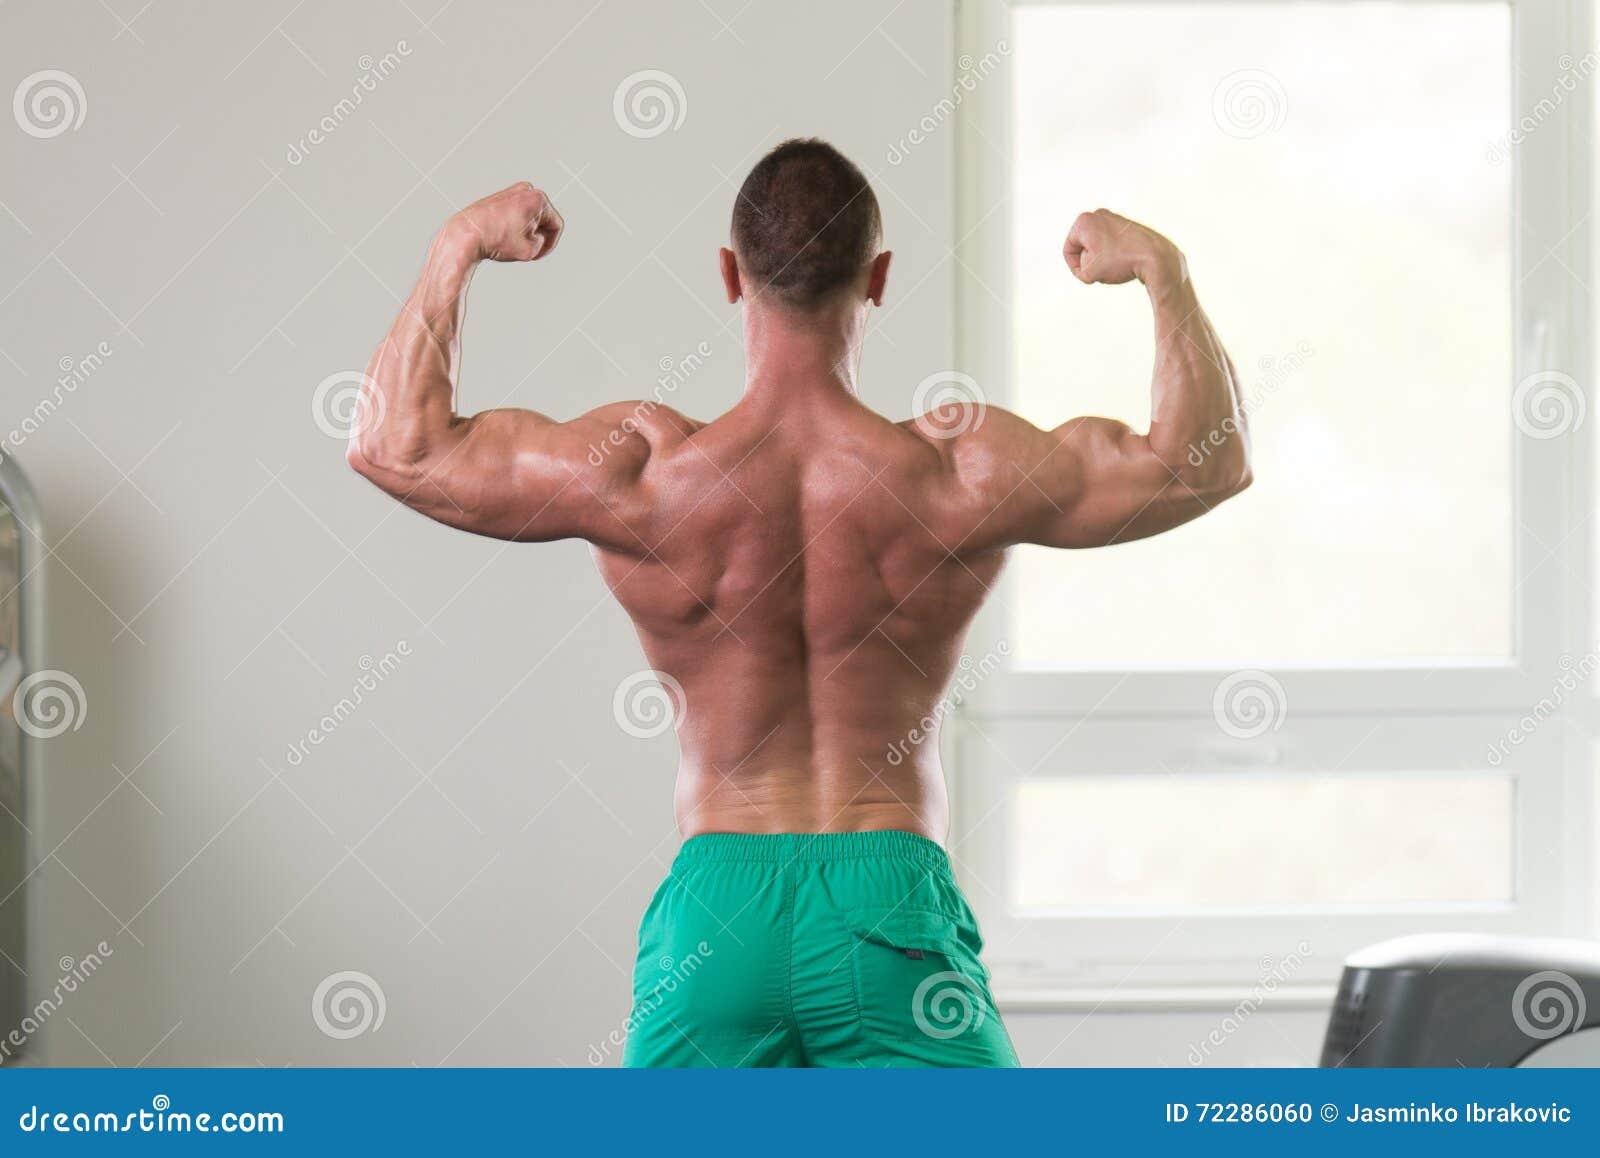 Download Мышечный человек изгибая мышцы в спортзале Стоковое Фото - изображение насчитывающей диетпитание, здоровье: 72286060